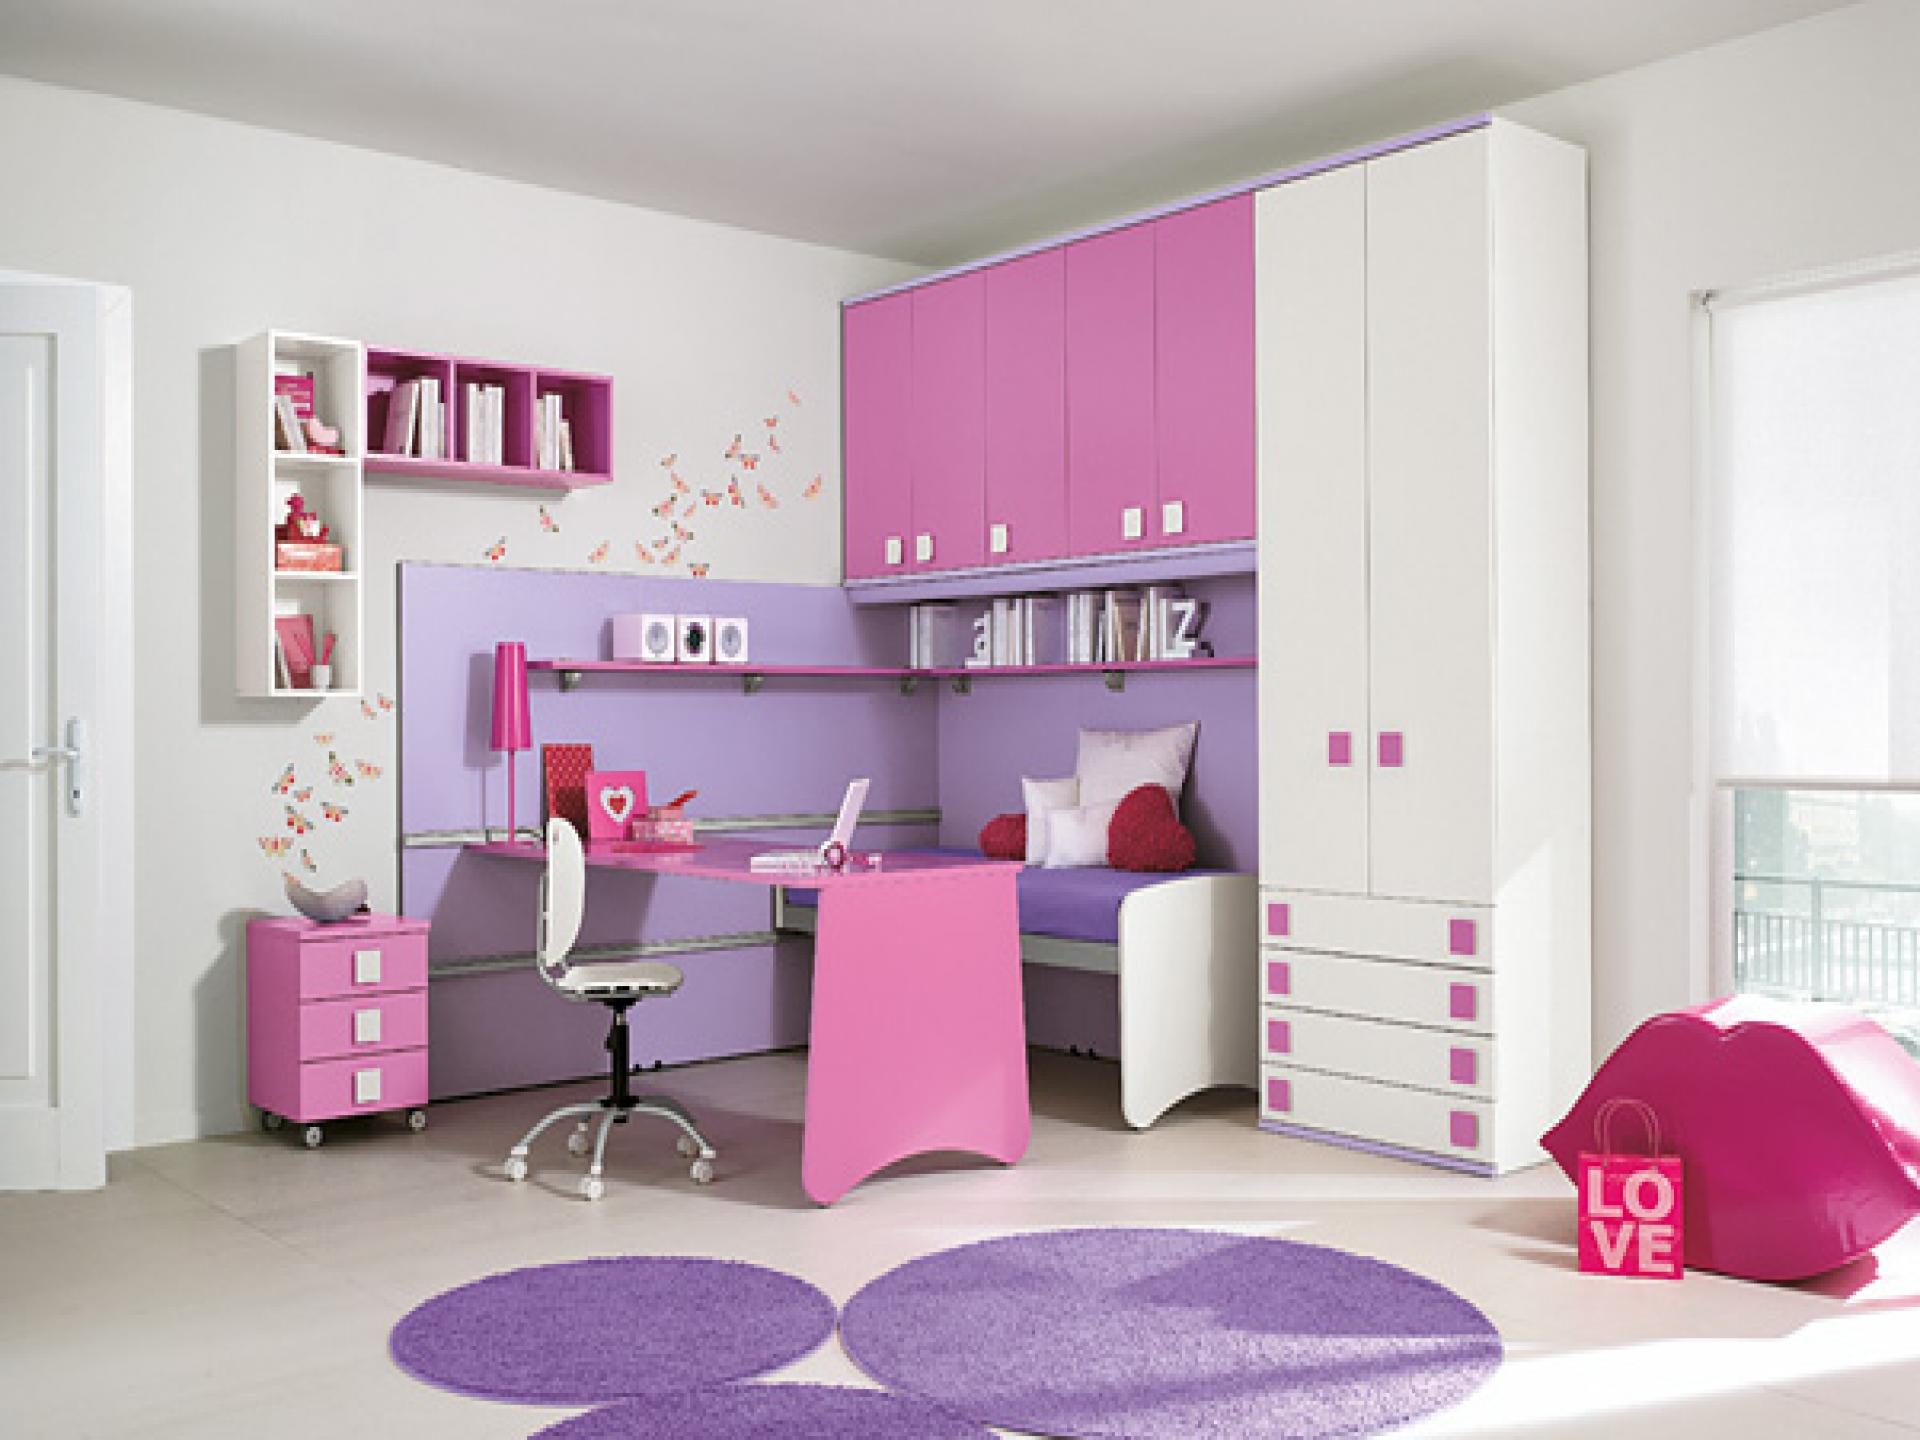 3 moduri sigure de a aduce o culoare noua in decorul - Interactive image of black and white bedroom decorating design ideas ...